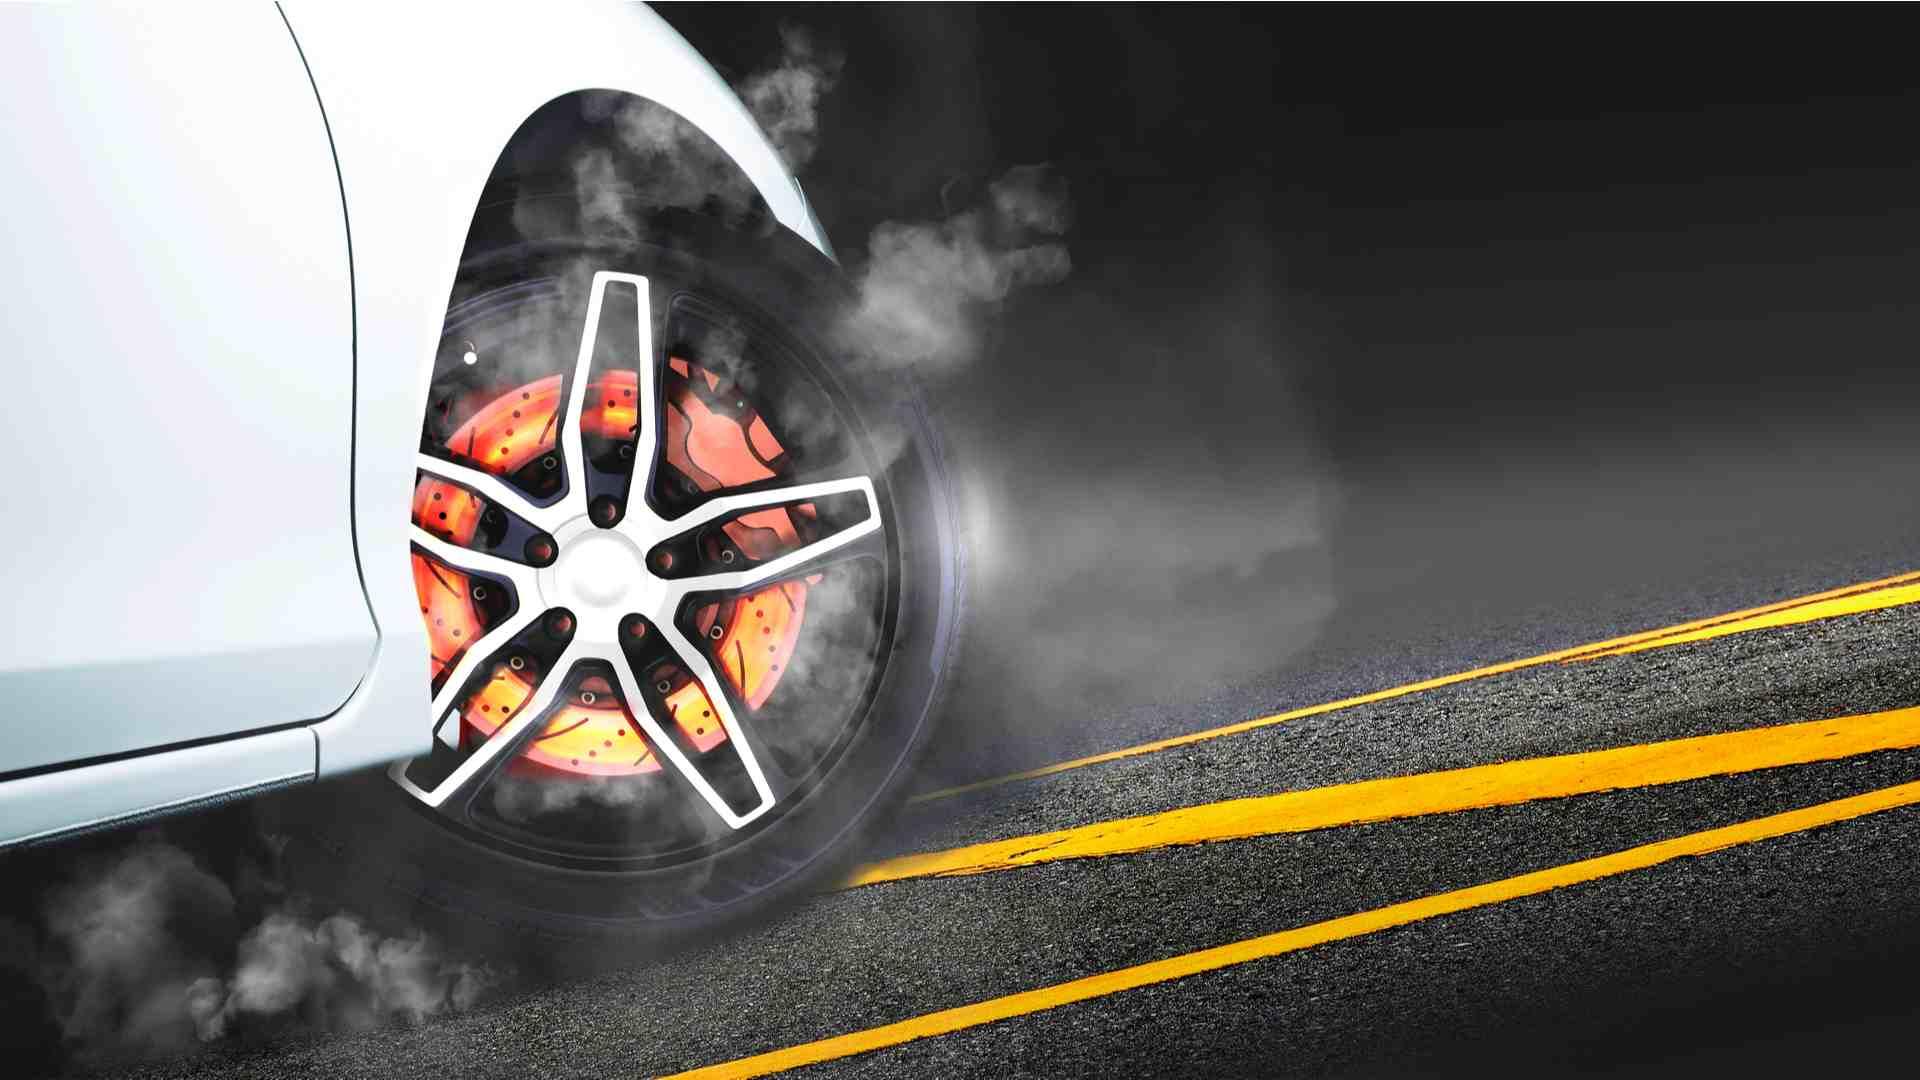 Disco e pastilha de freio muito quentes de carro branco em asfalto